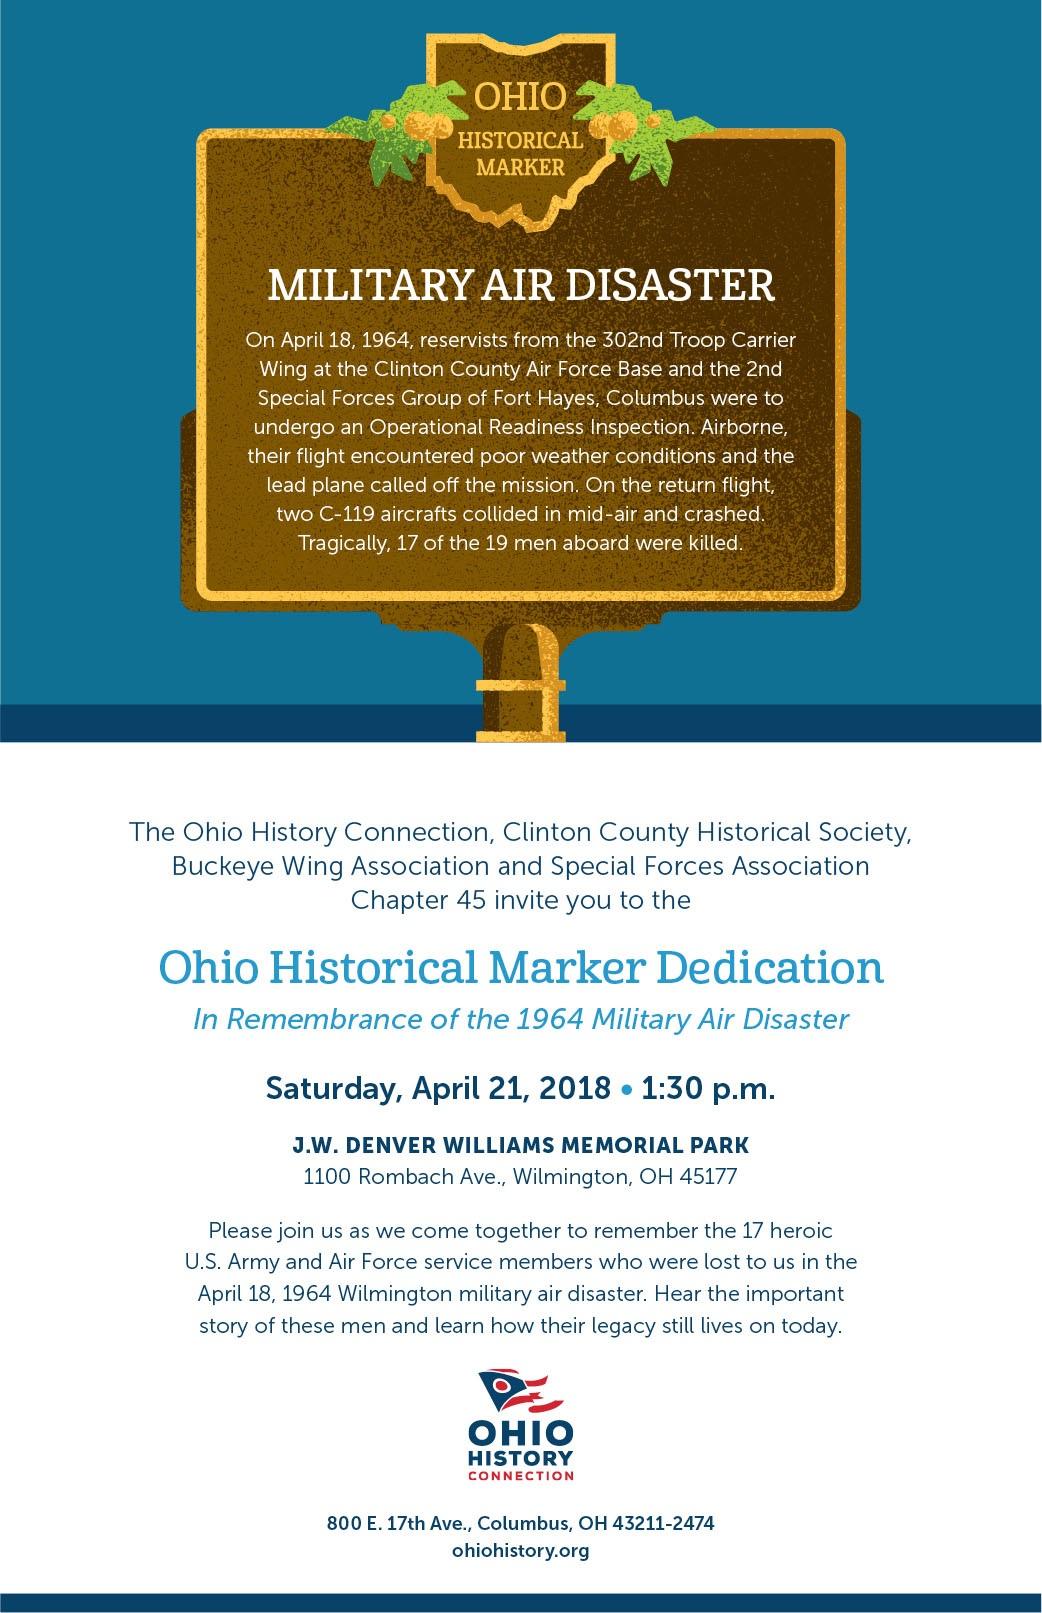 OHC_Historical_Marker_Invite_Email.jpg